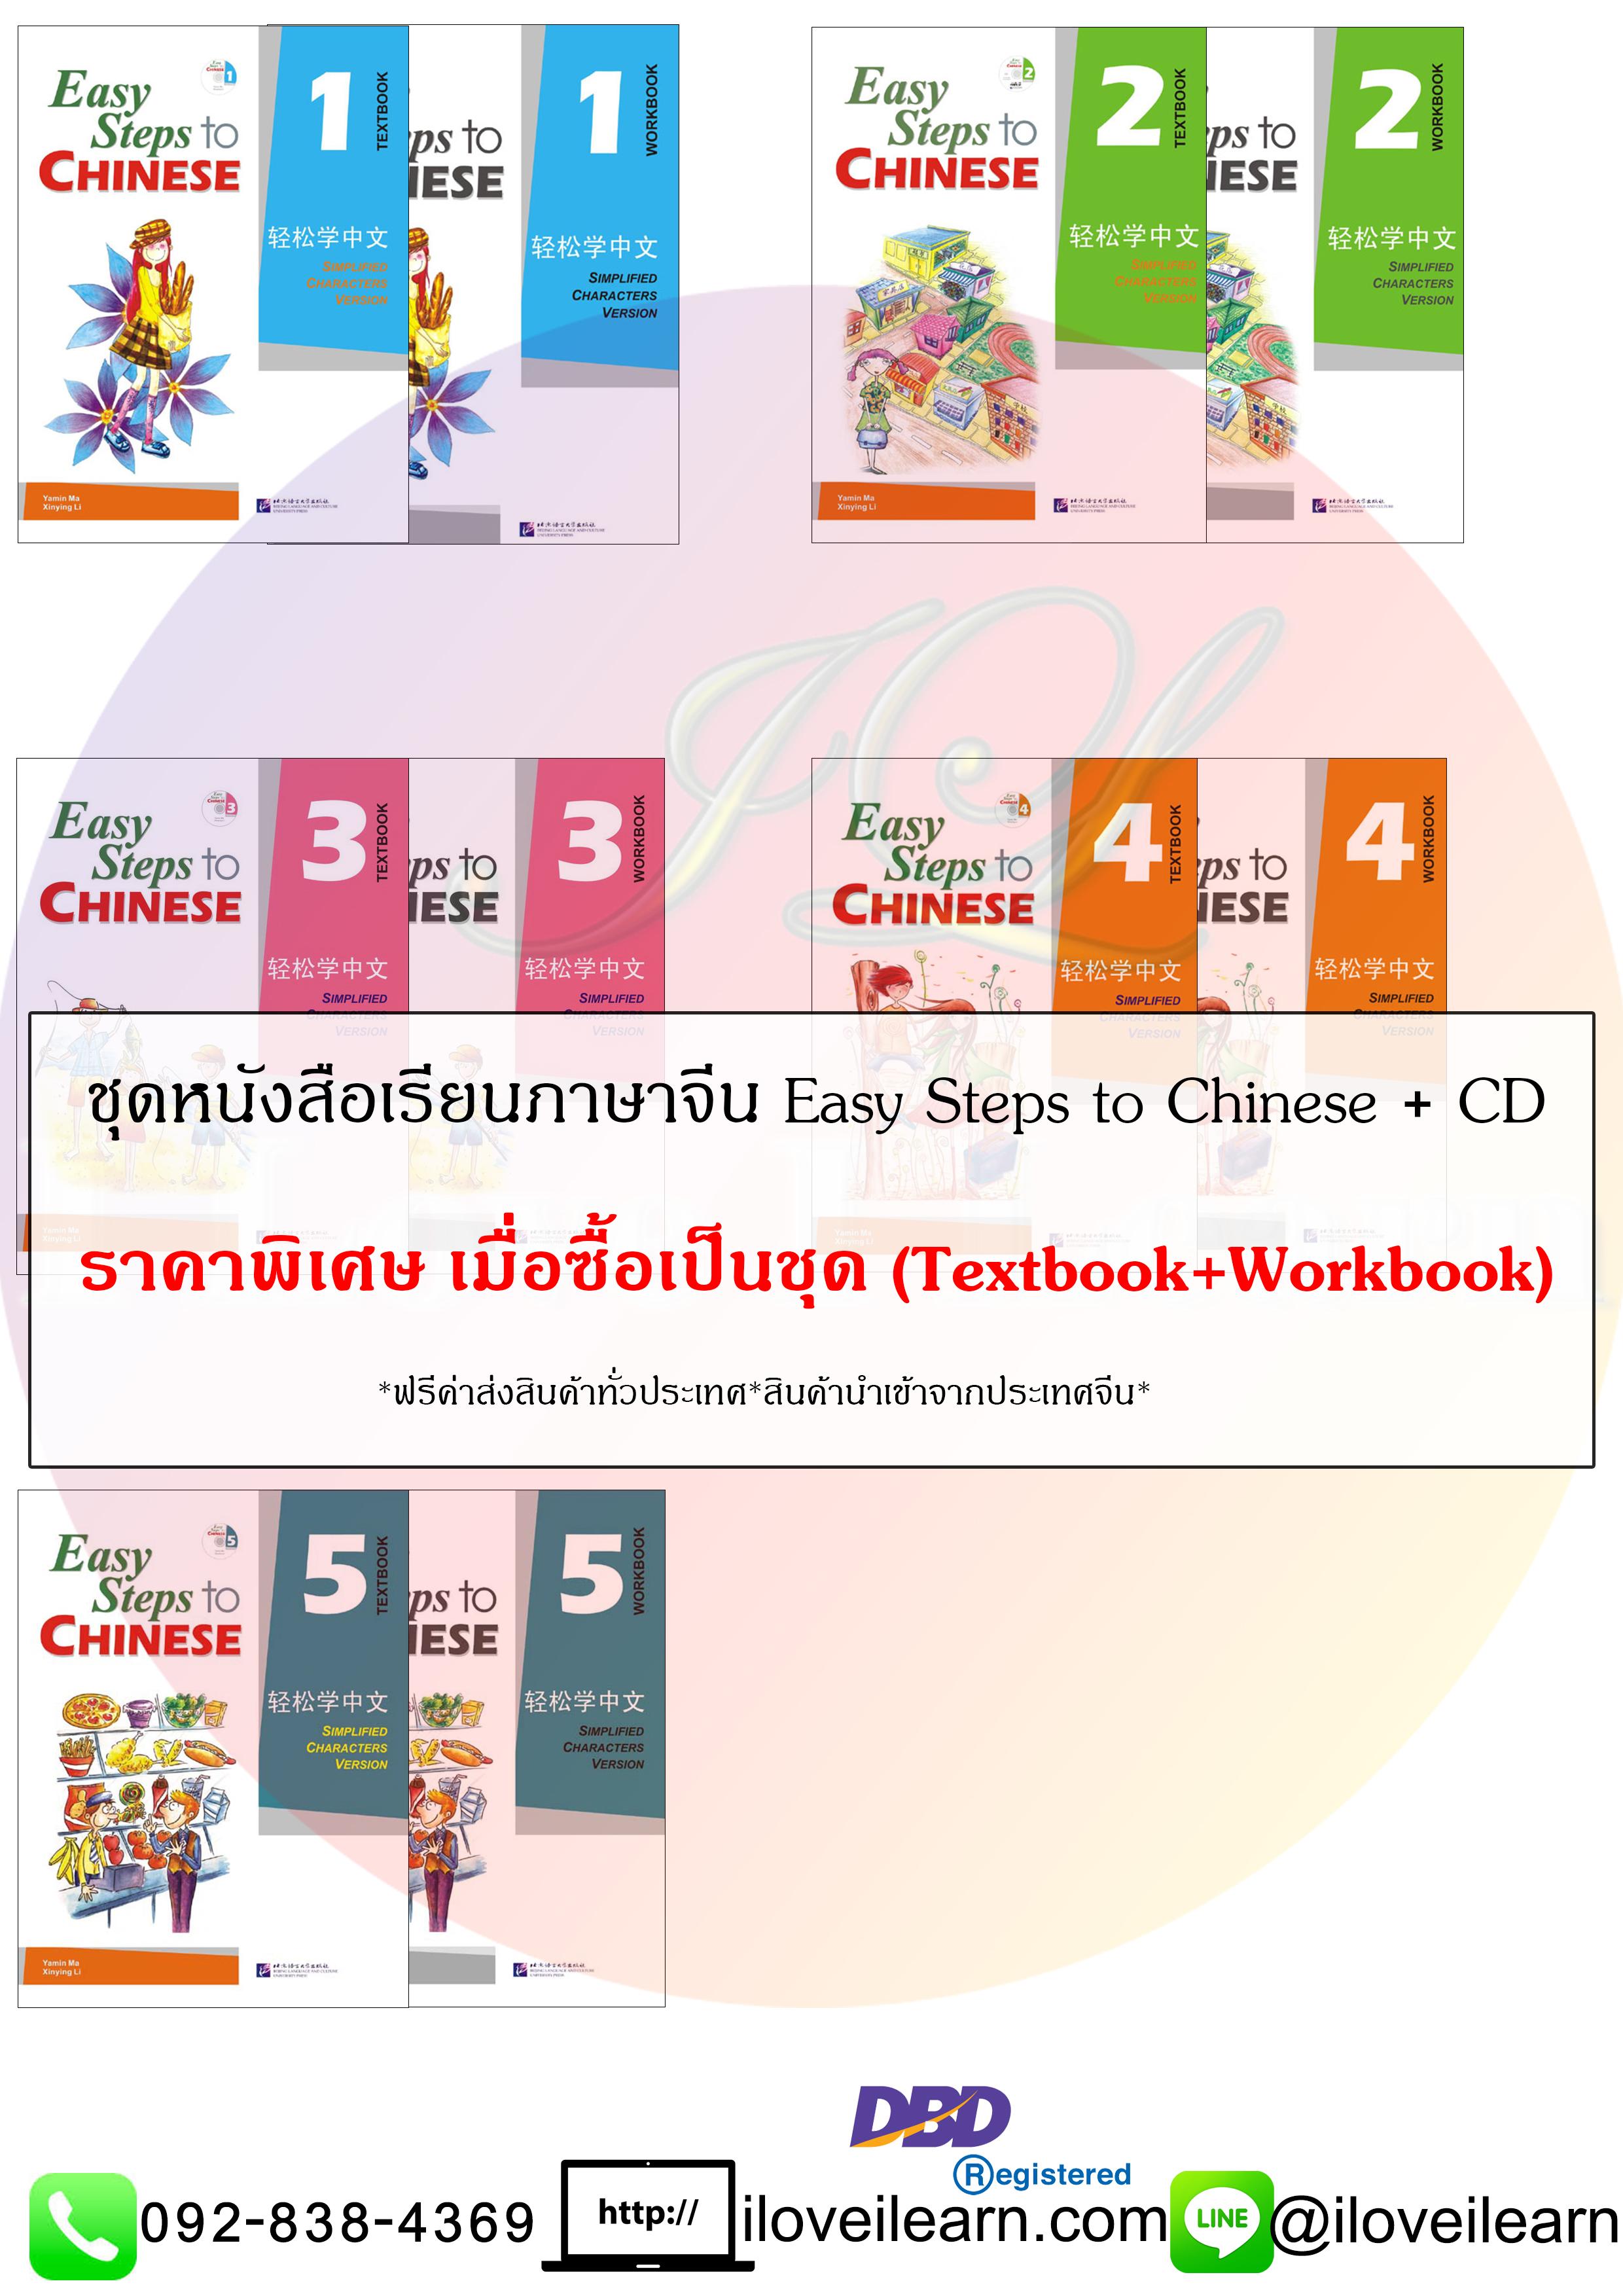 ชุดแบบเรียนภาษาจีน Easy Steps to Chinese Textbook + Workbook